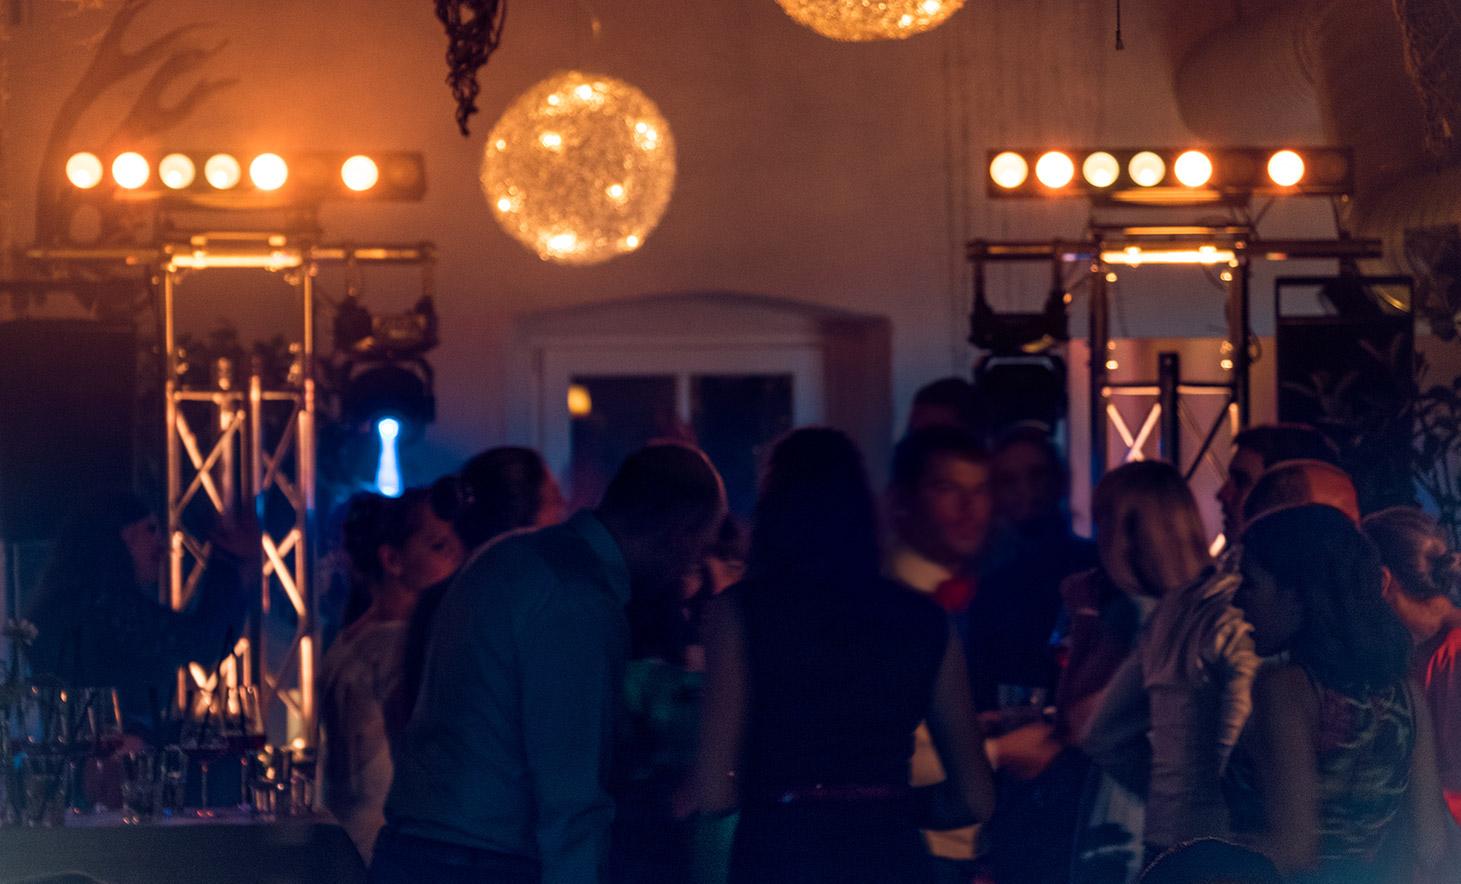 Gala-Veranstaltung in der Heidersbacher Mühle